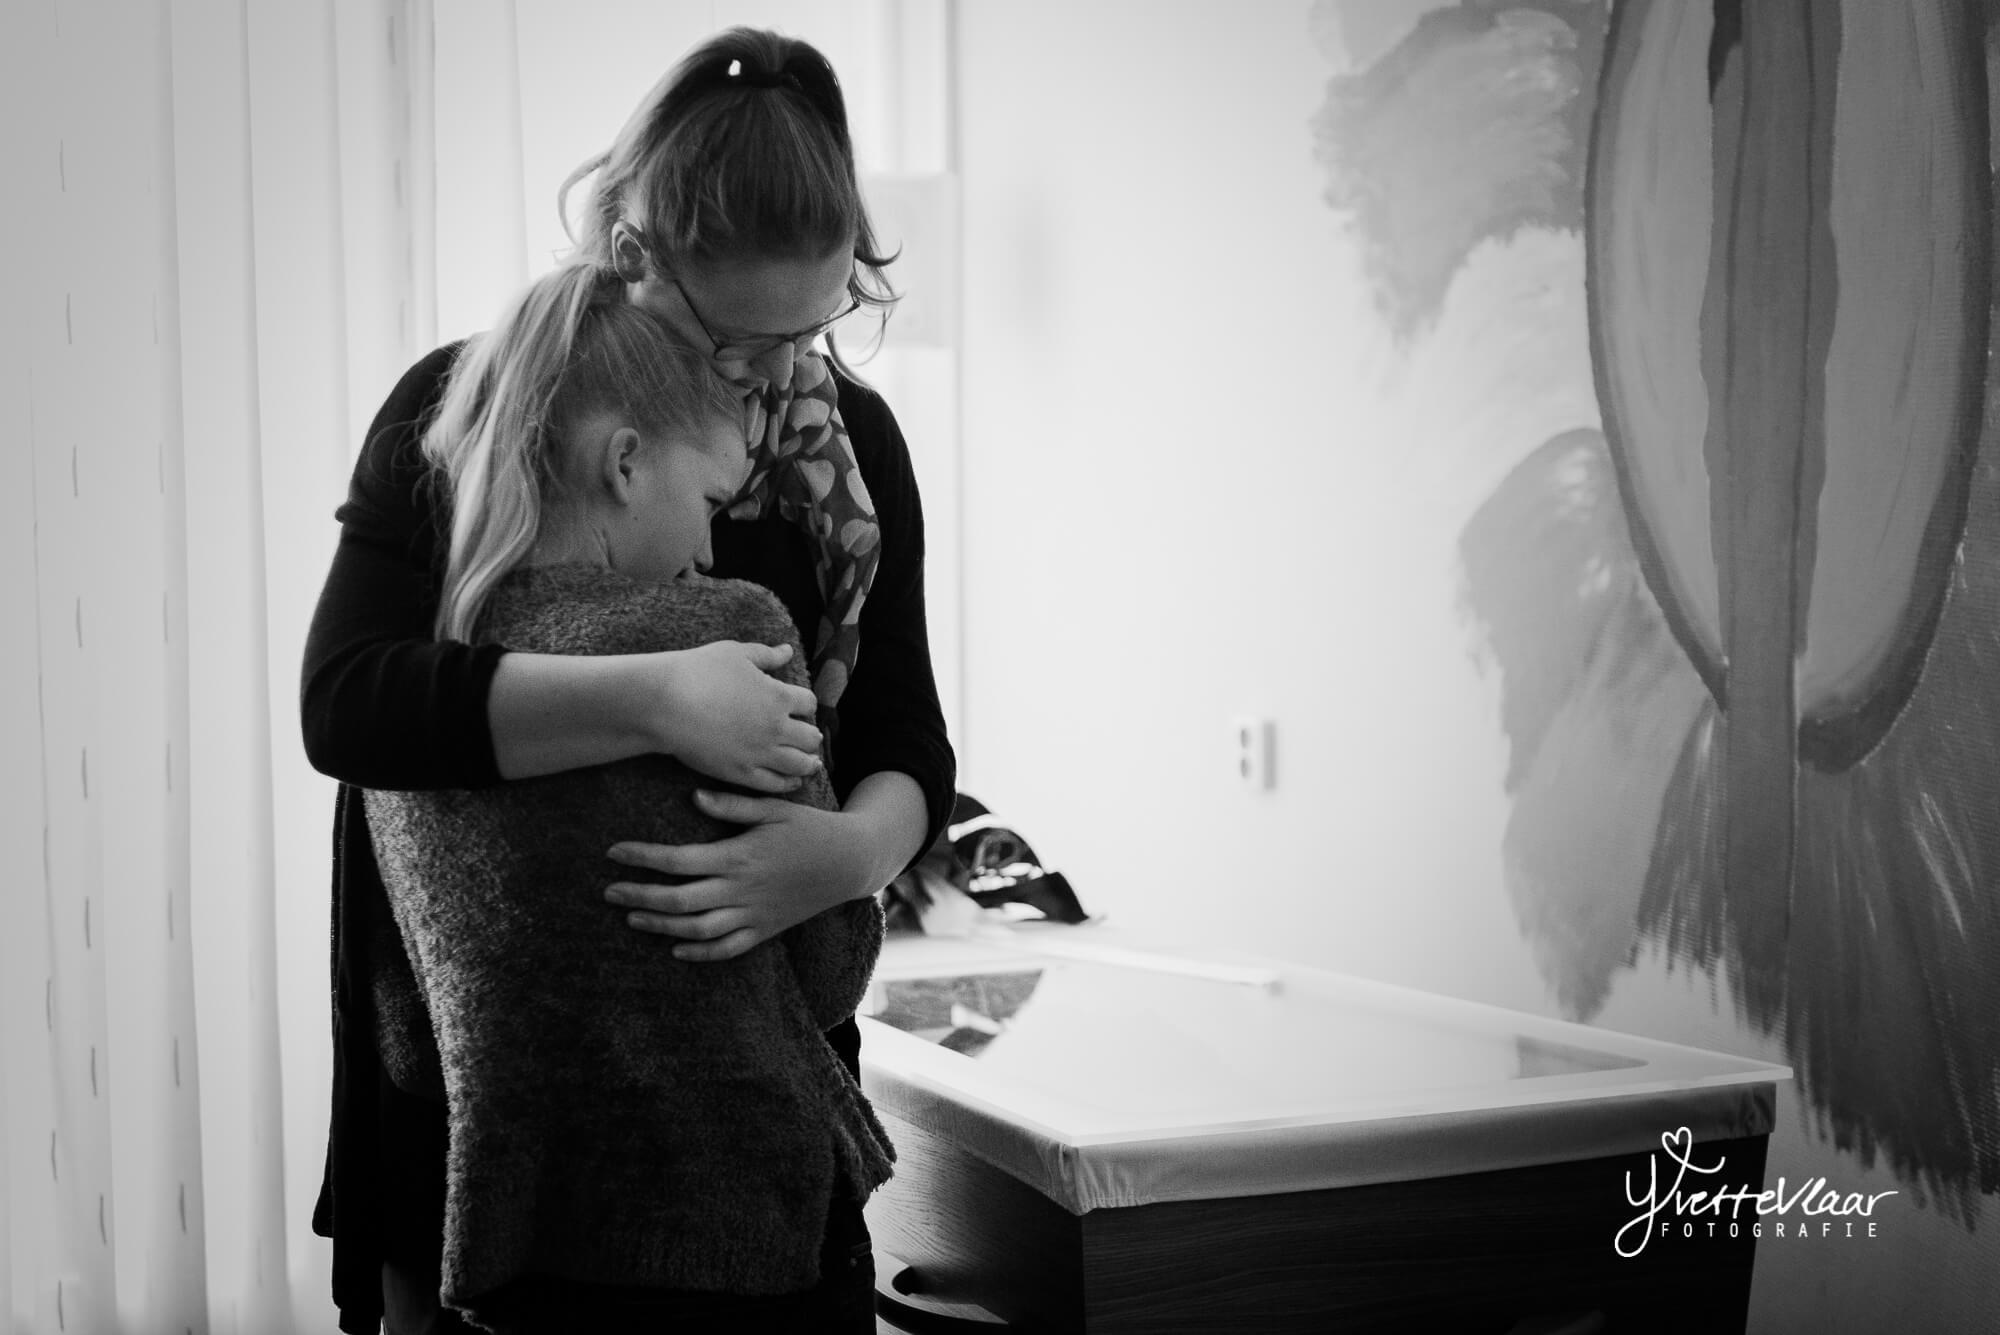 Yvette-Vlaar-afscheidsfotografie-Flevoland-007